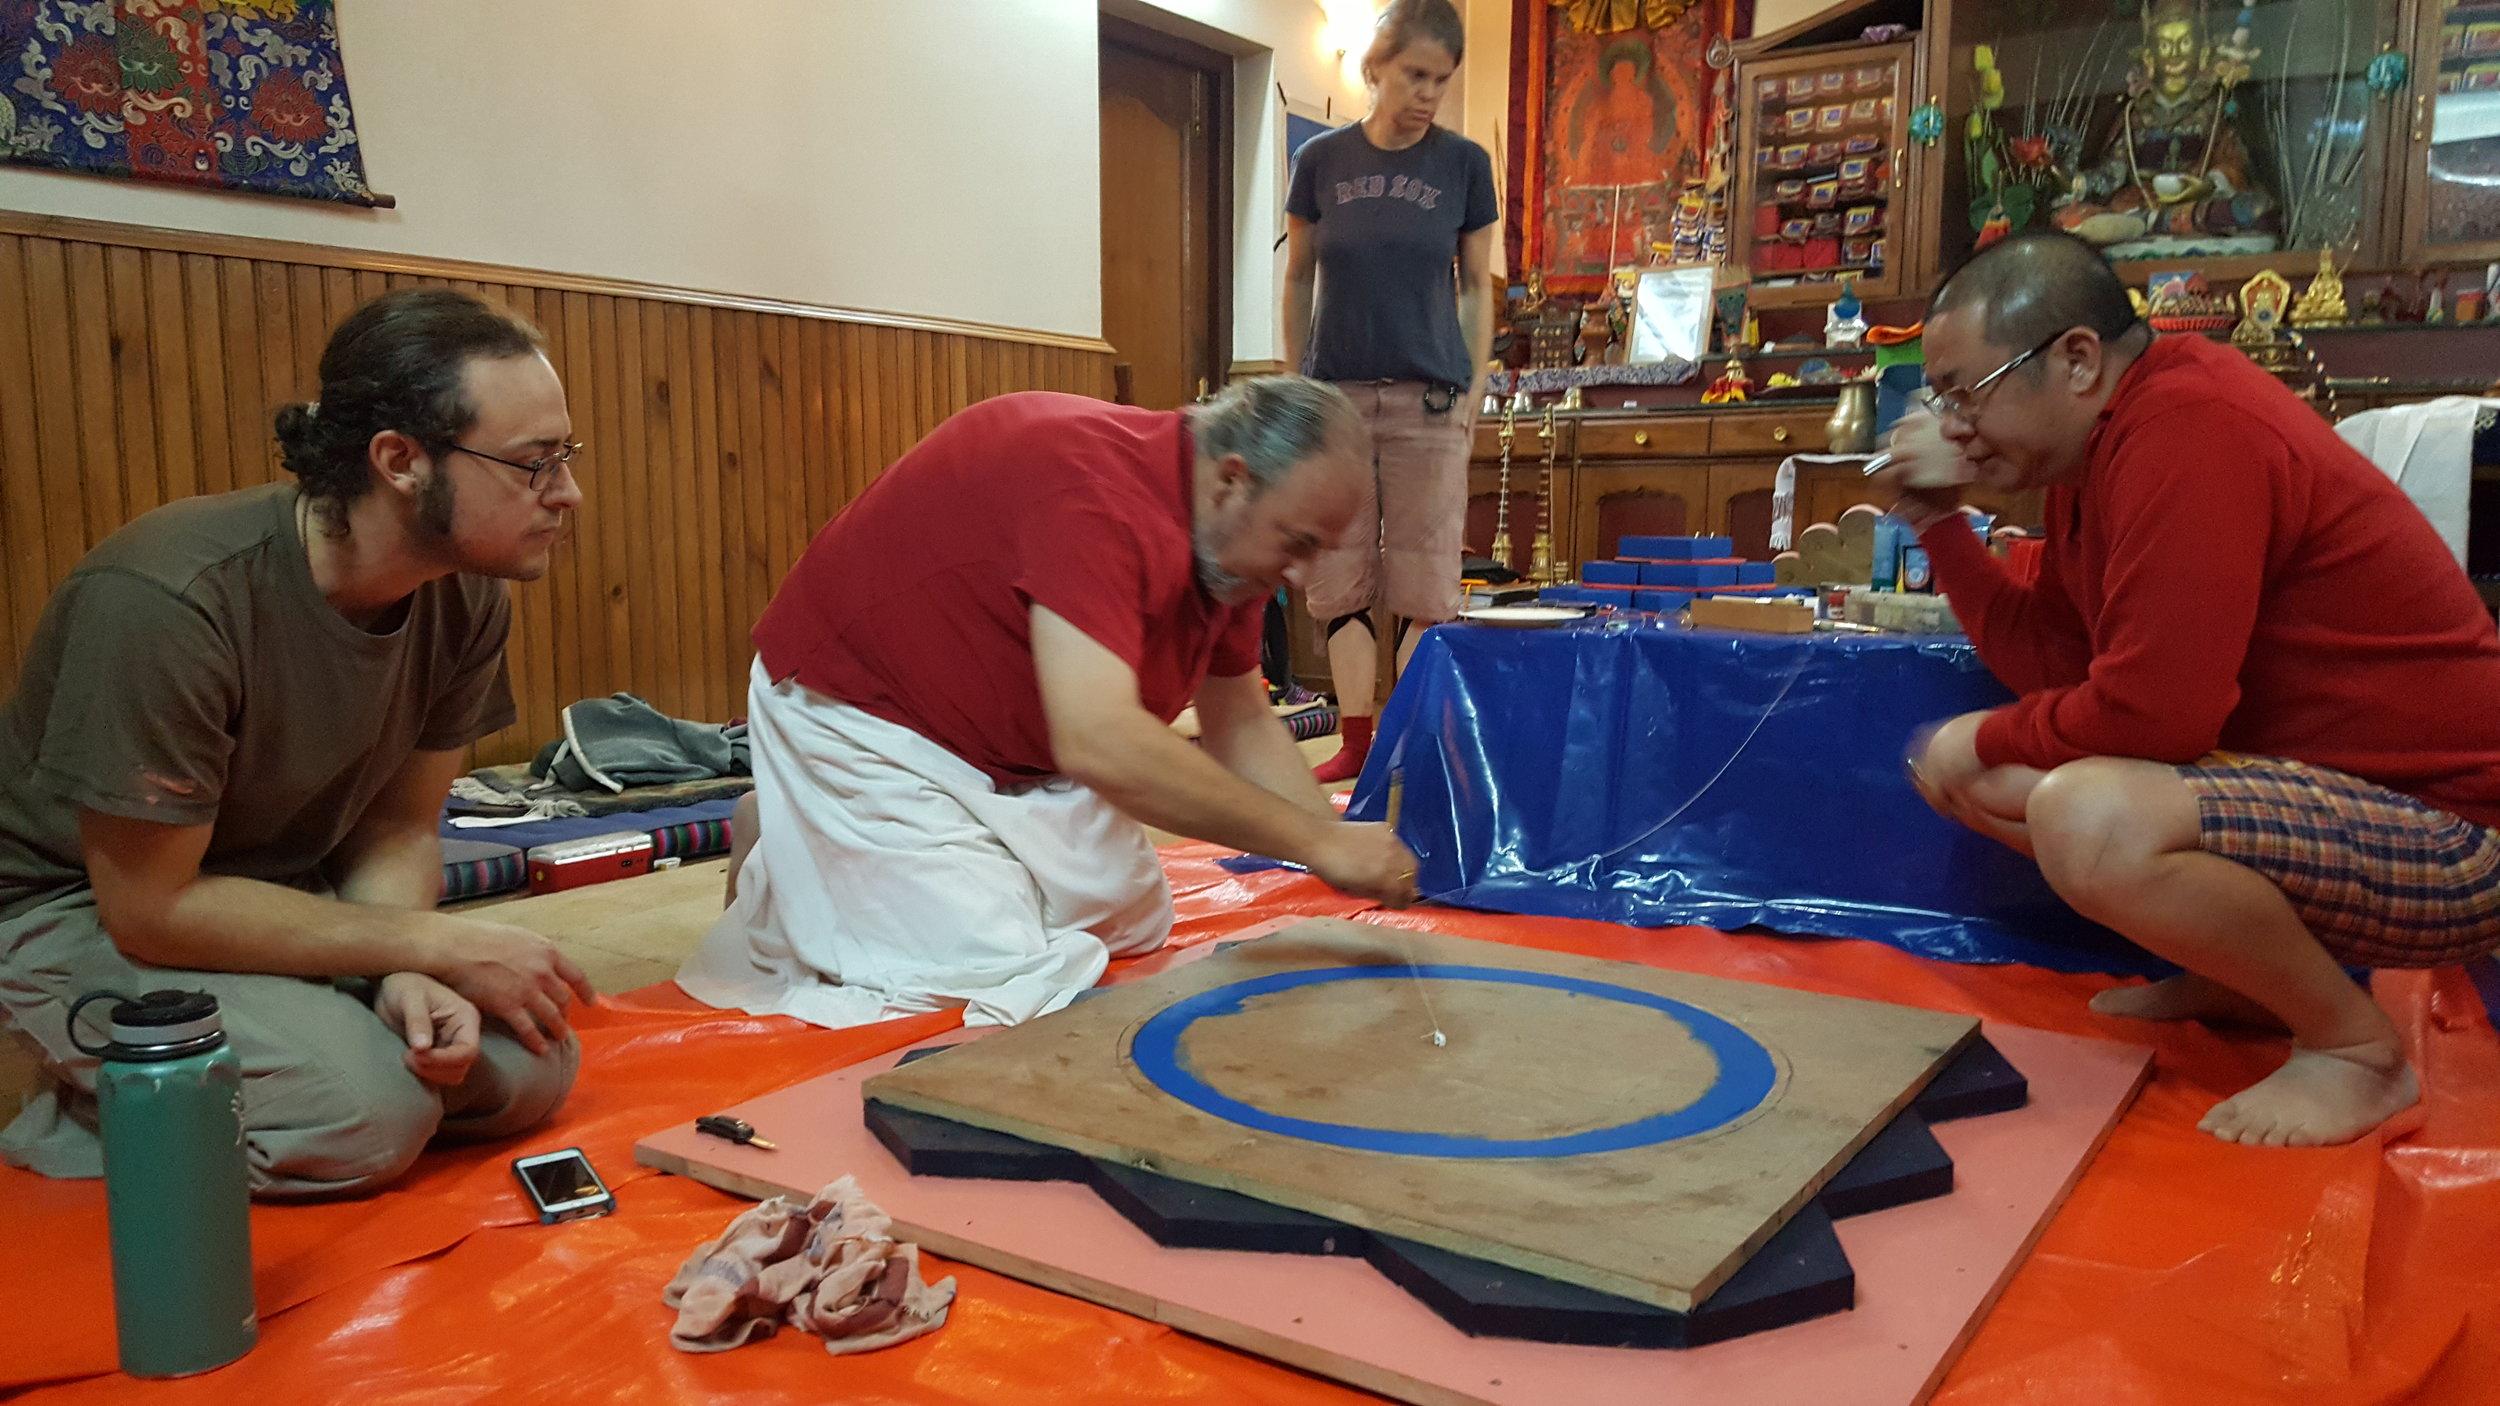 Preparing the mandala artwork